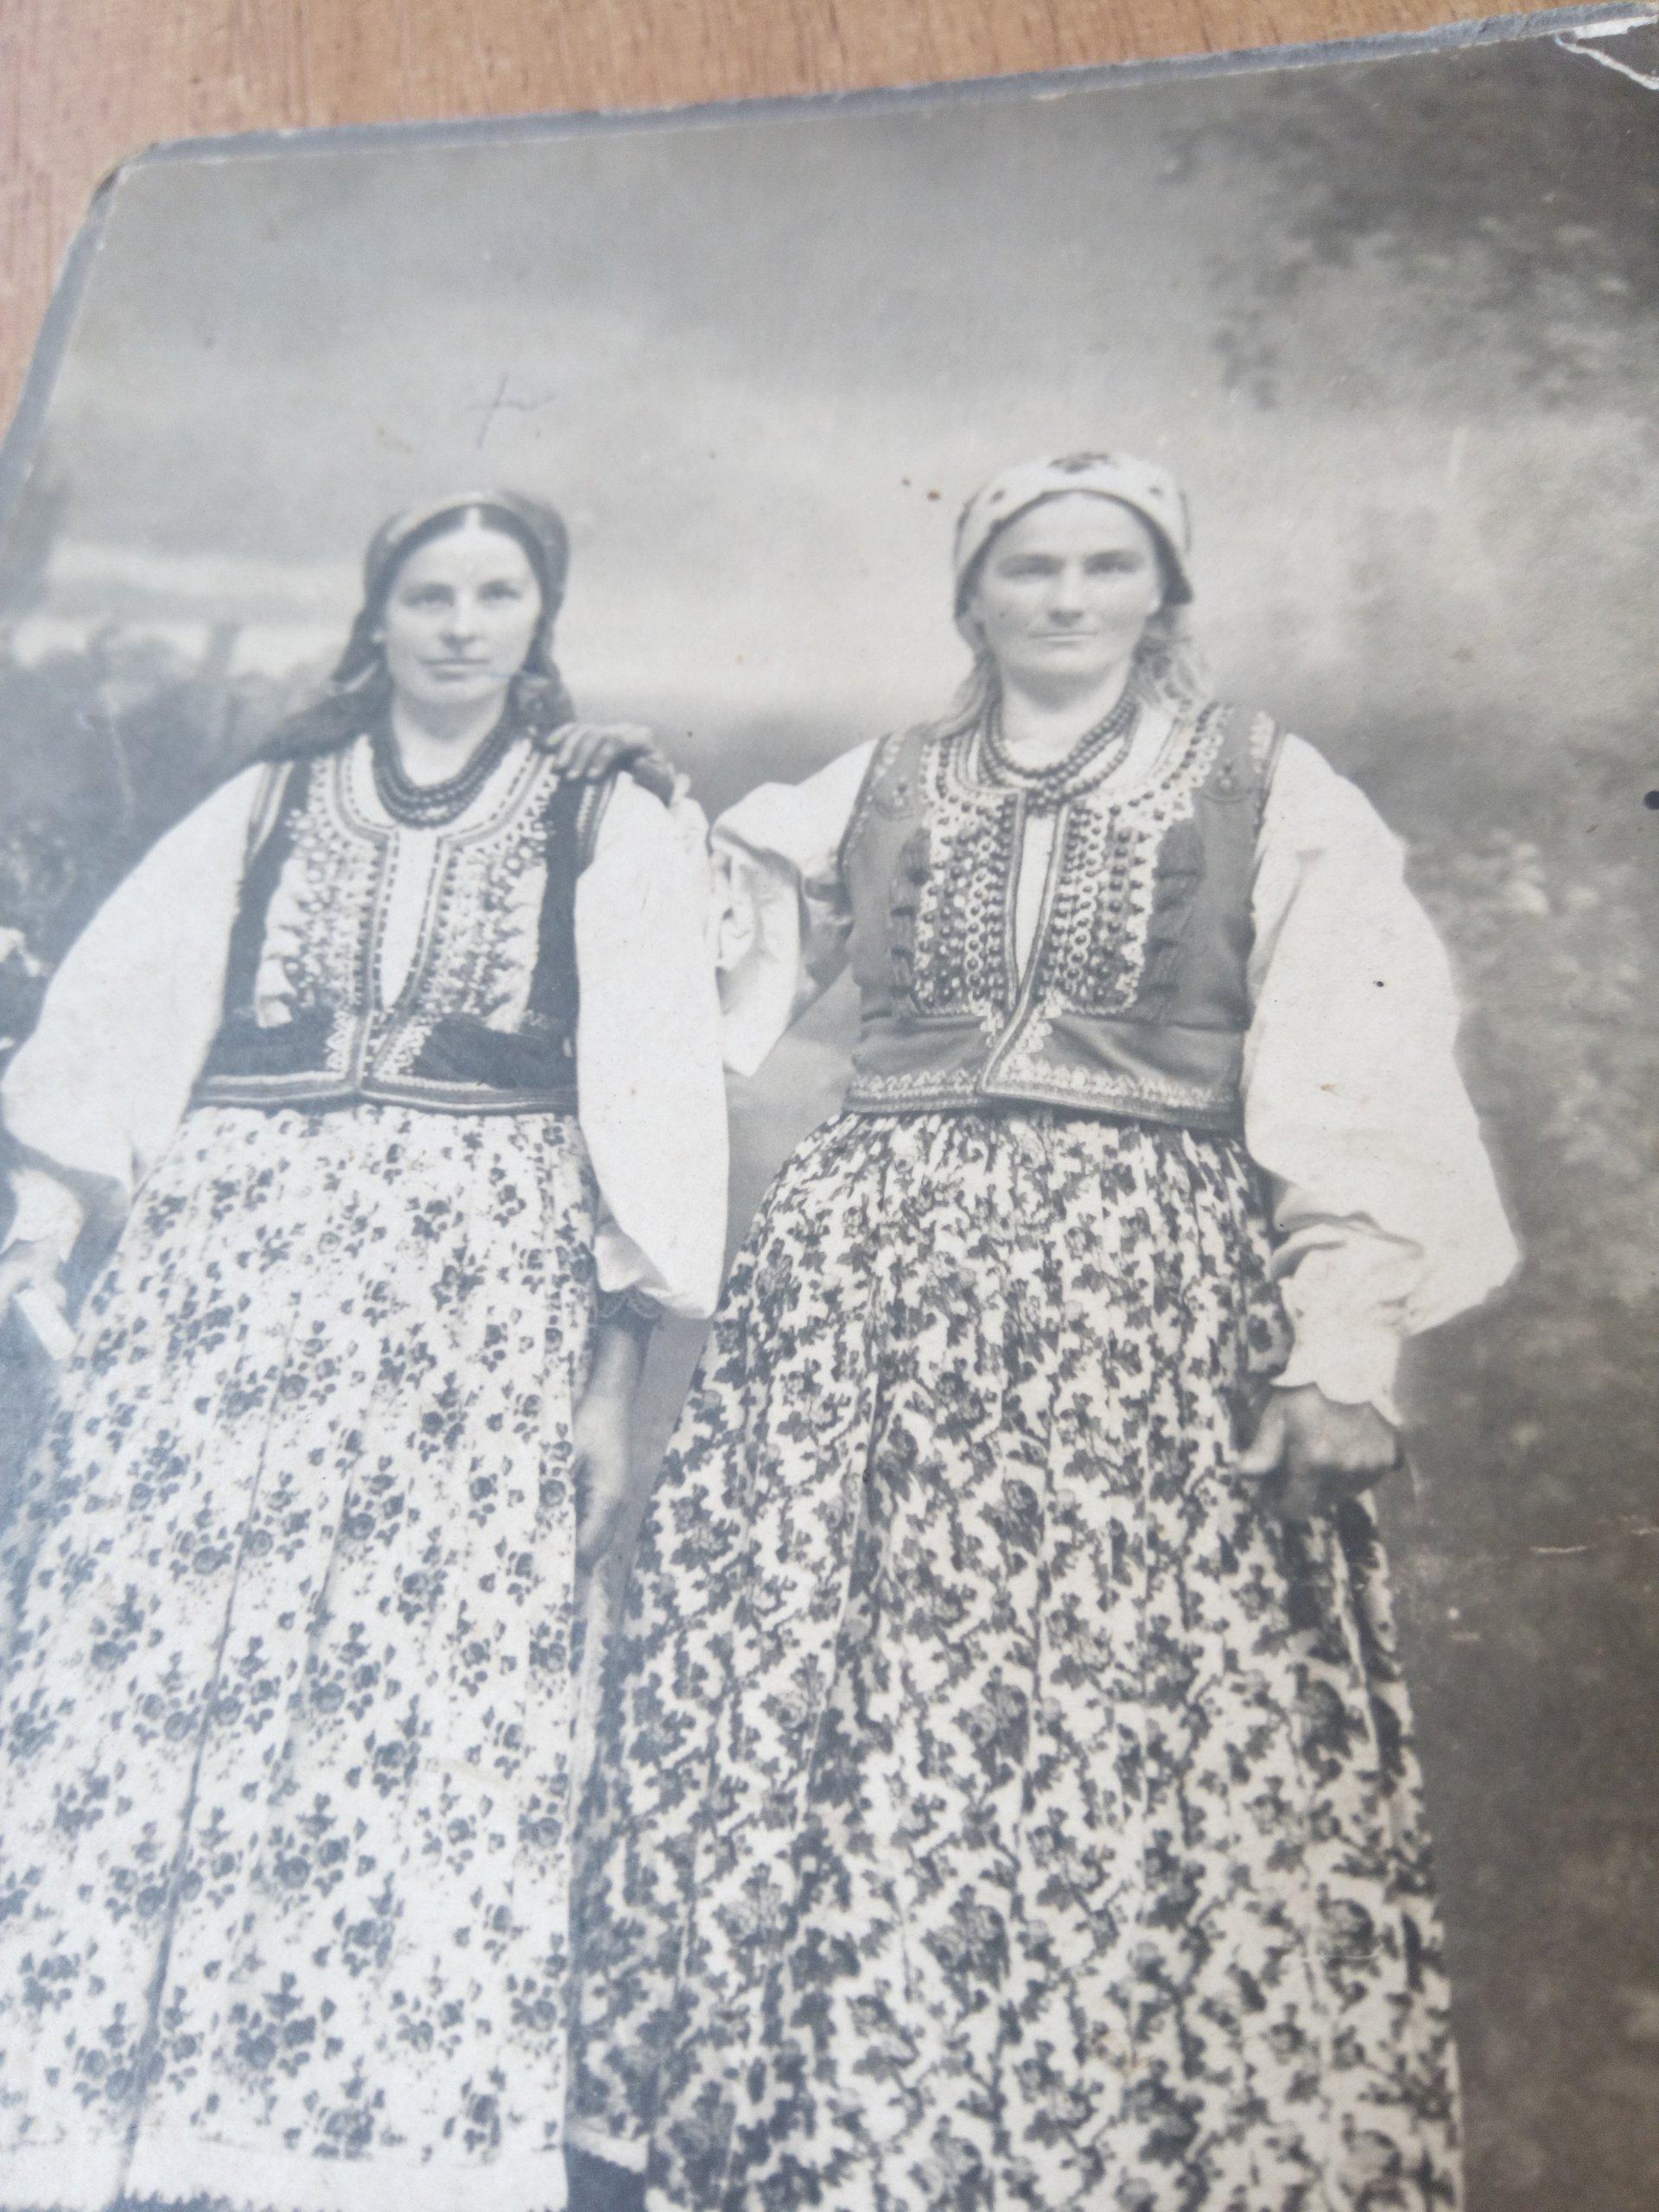 1ba81d27708c09 KRAKOWSKI STRÓJ LUDOWY KRAKOWIANKA KOBIETA 1910 r. - 7251222246 ...